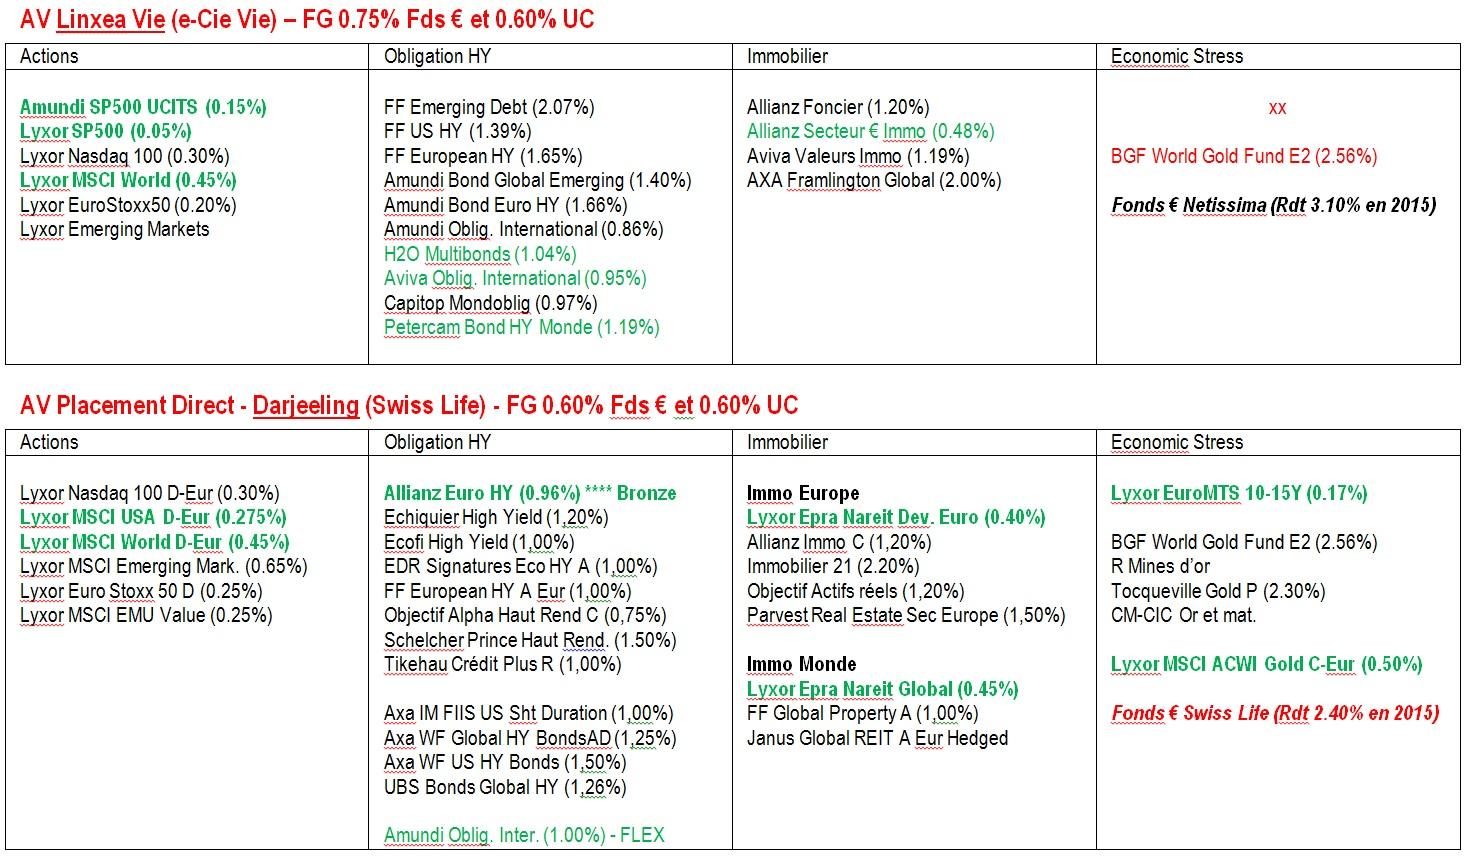 http://maxicool5.free.fr/Bourse/Divers%20AV/Quelle%20AV%20pour%20du%20DM%20(2).jpg